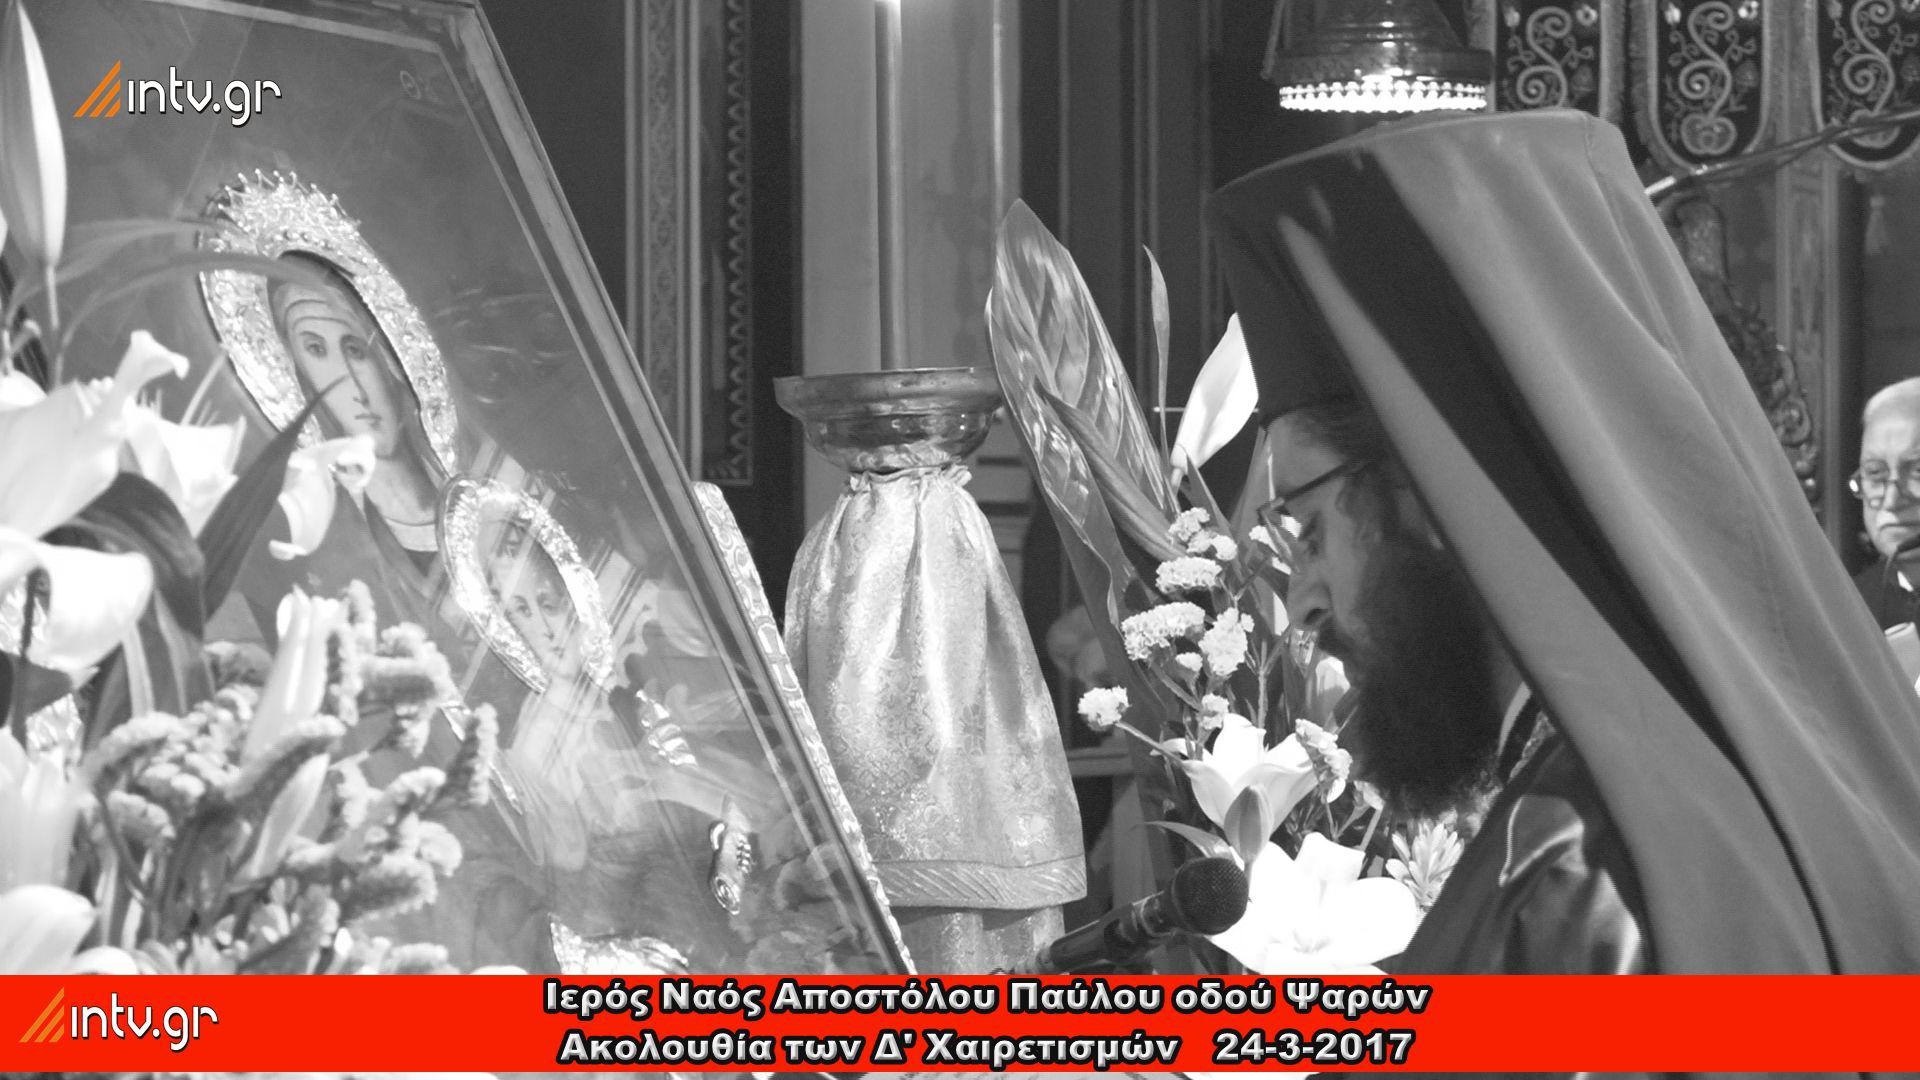 Ιερός Ναός Αποστόλου Παύλου οδού Ψαρών Ακολουθία των Δ' Χαιρετισμών